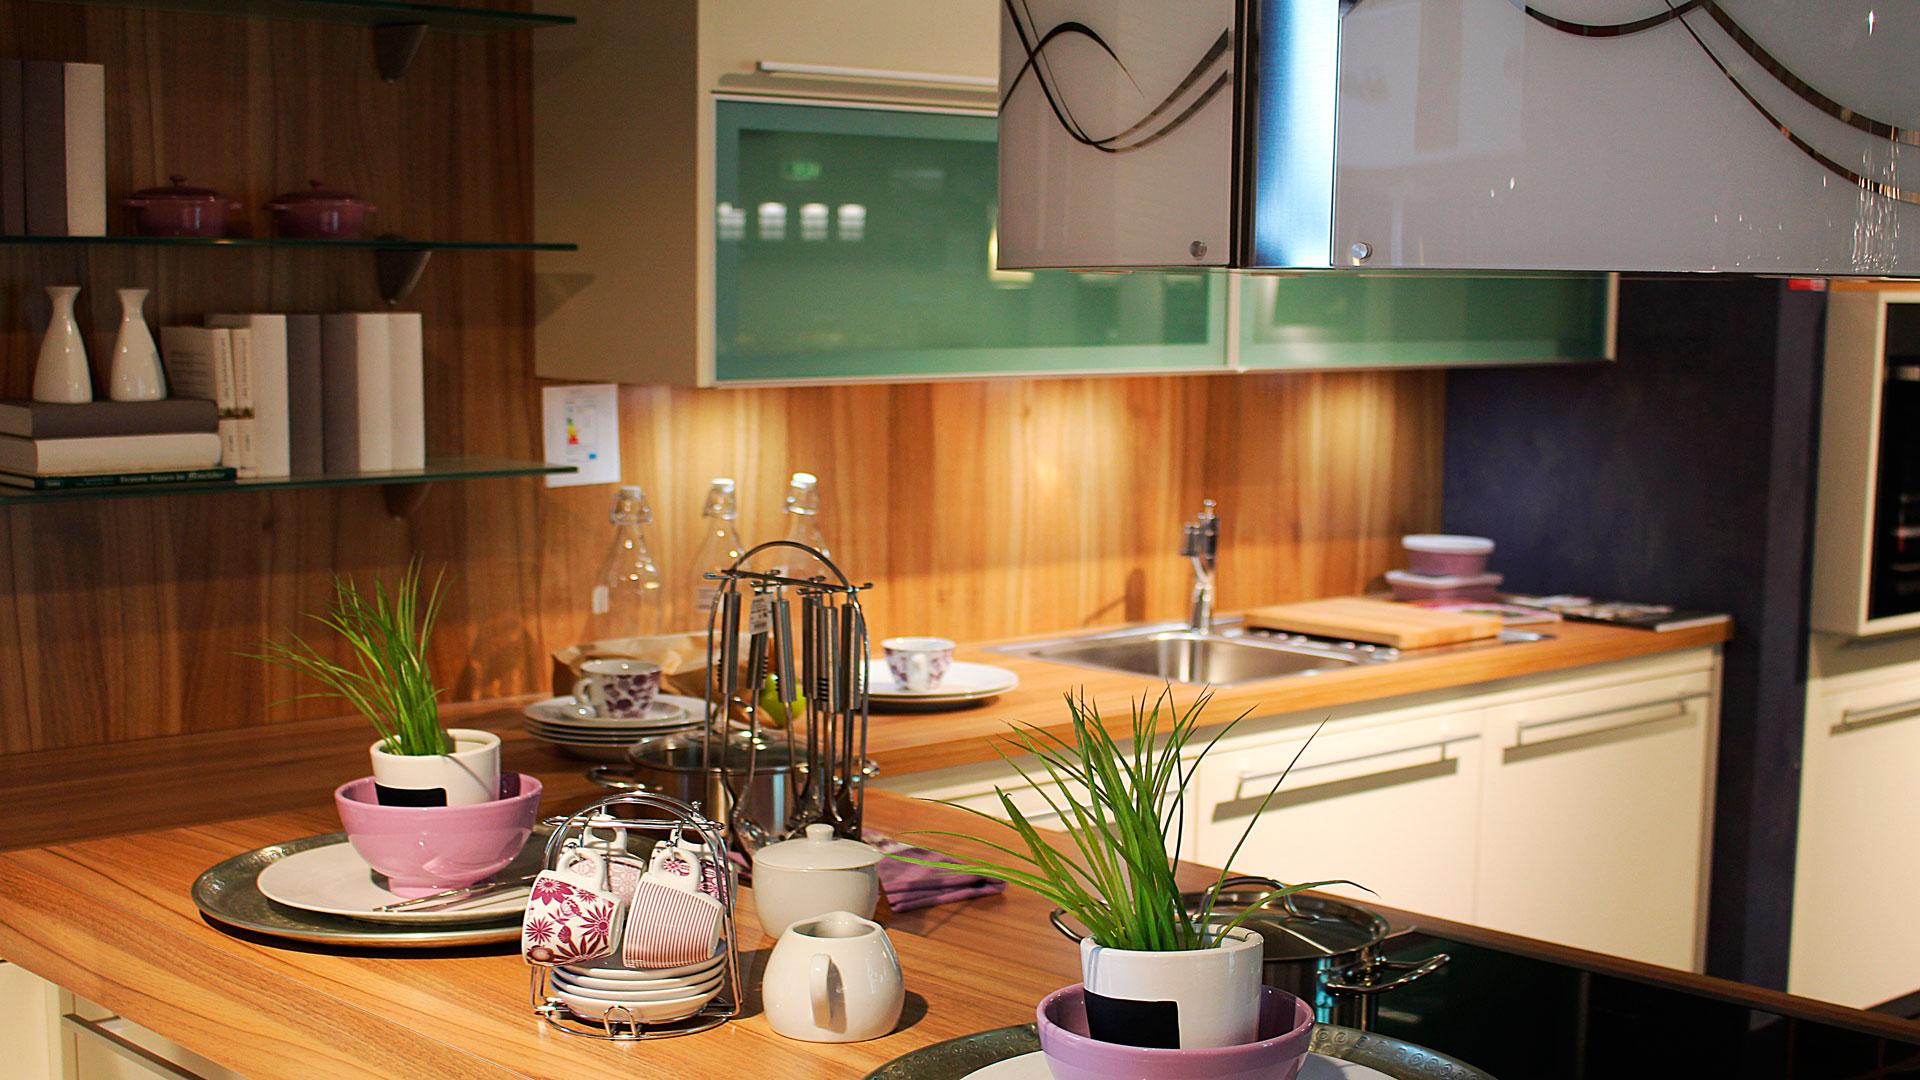 Cual Es El Mejor Color Para Pintar Una Cocina - Colores-para-pintar-una-cocina